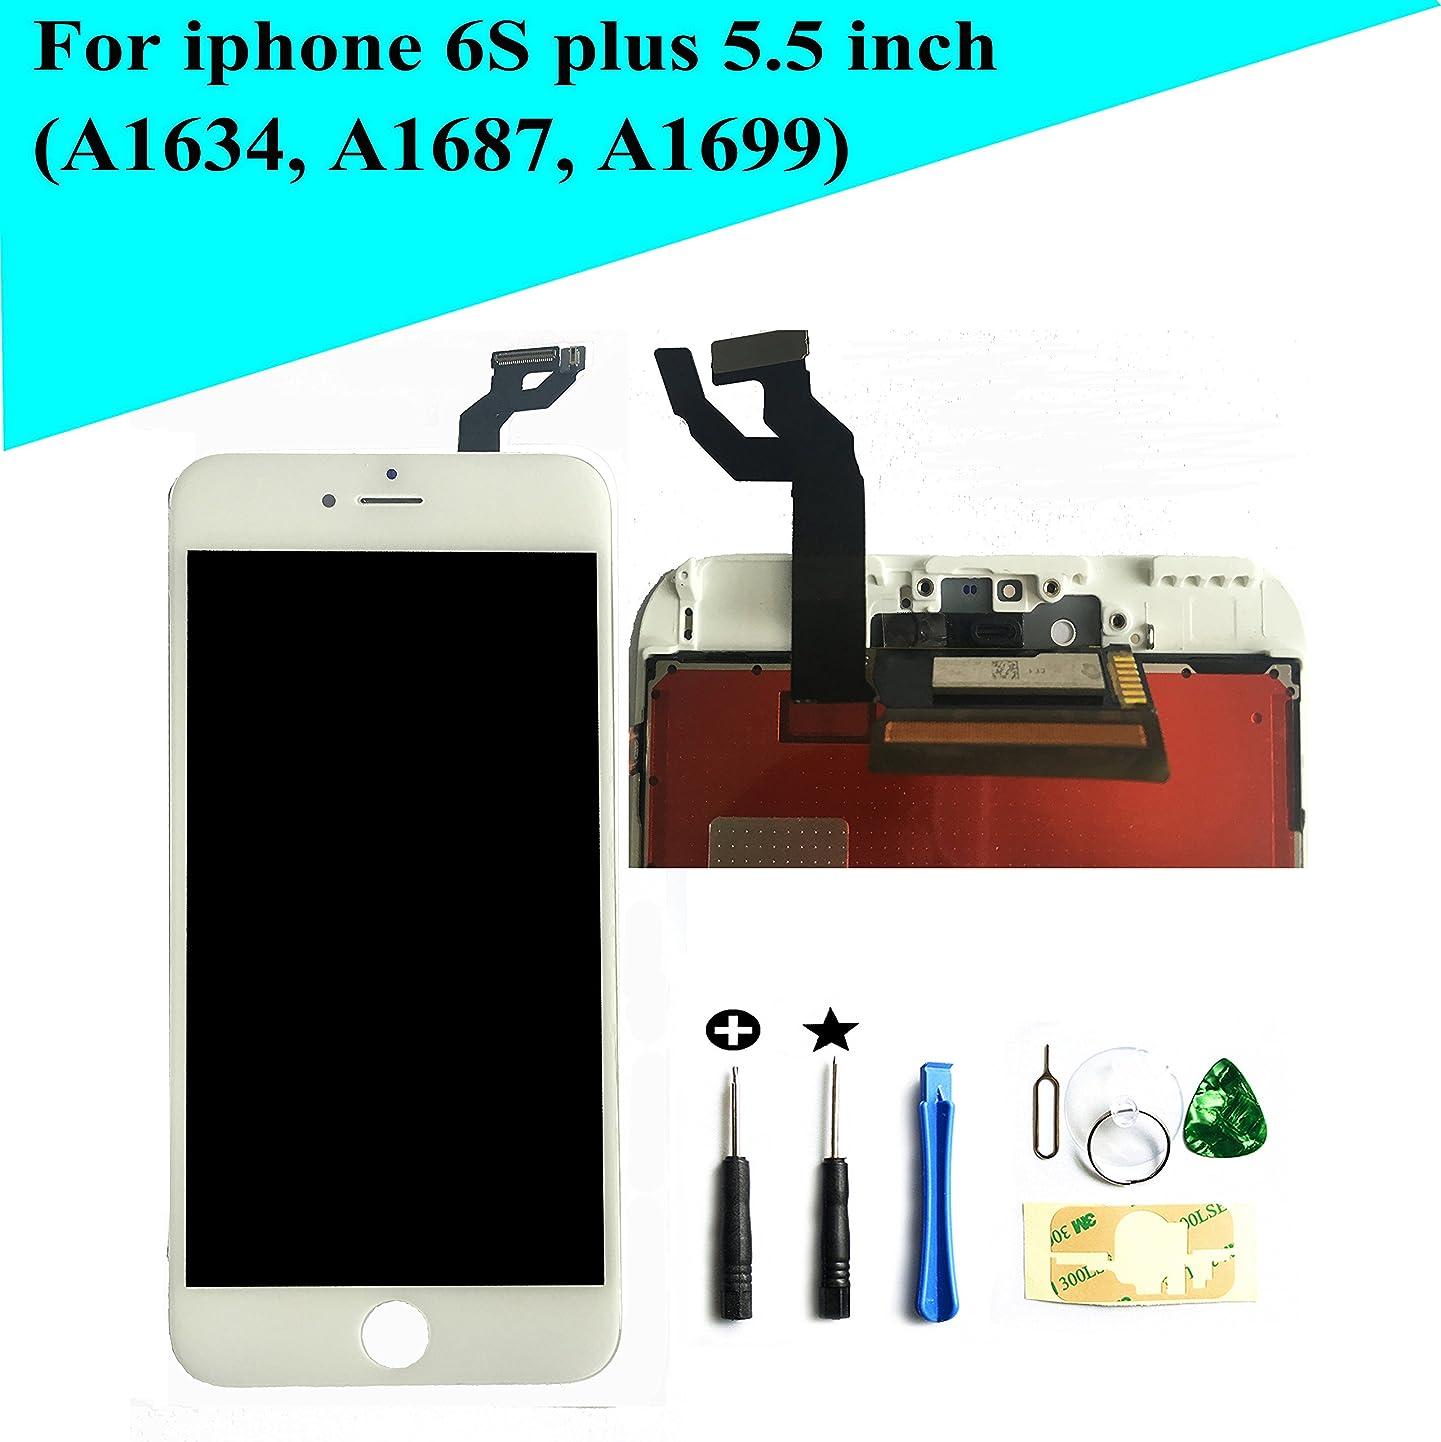 Global Repair iphone 6s plus 5.5